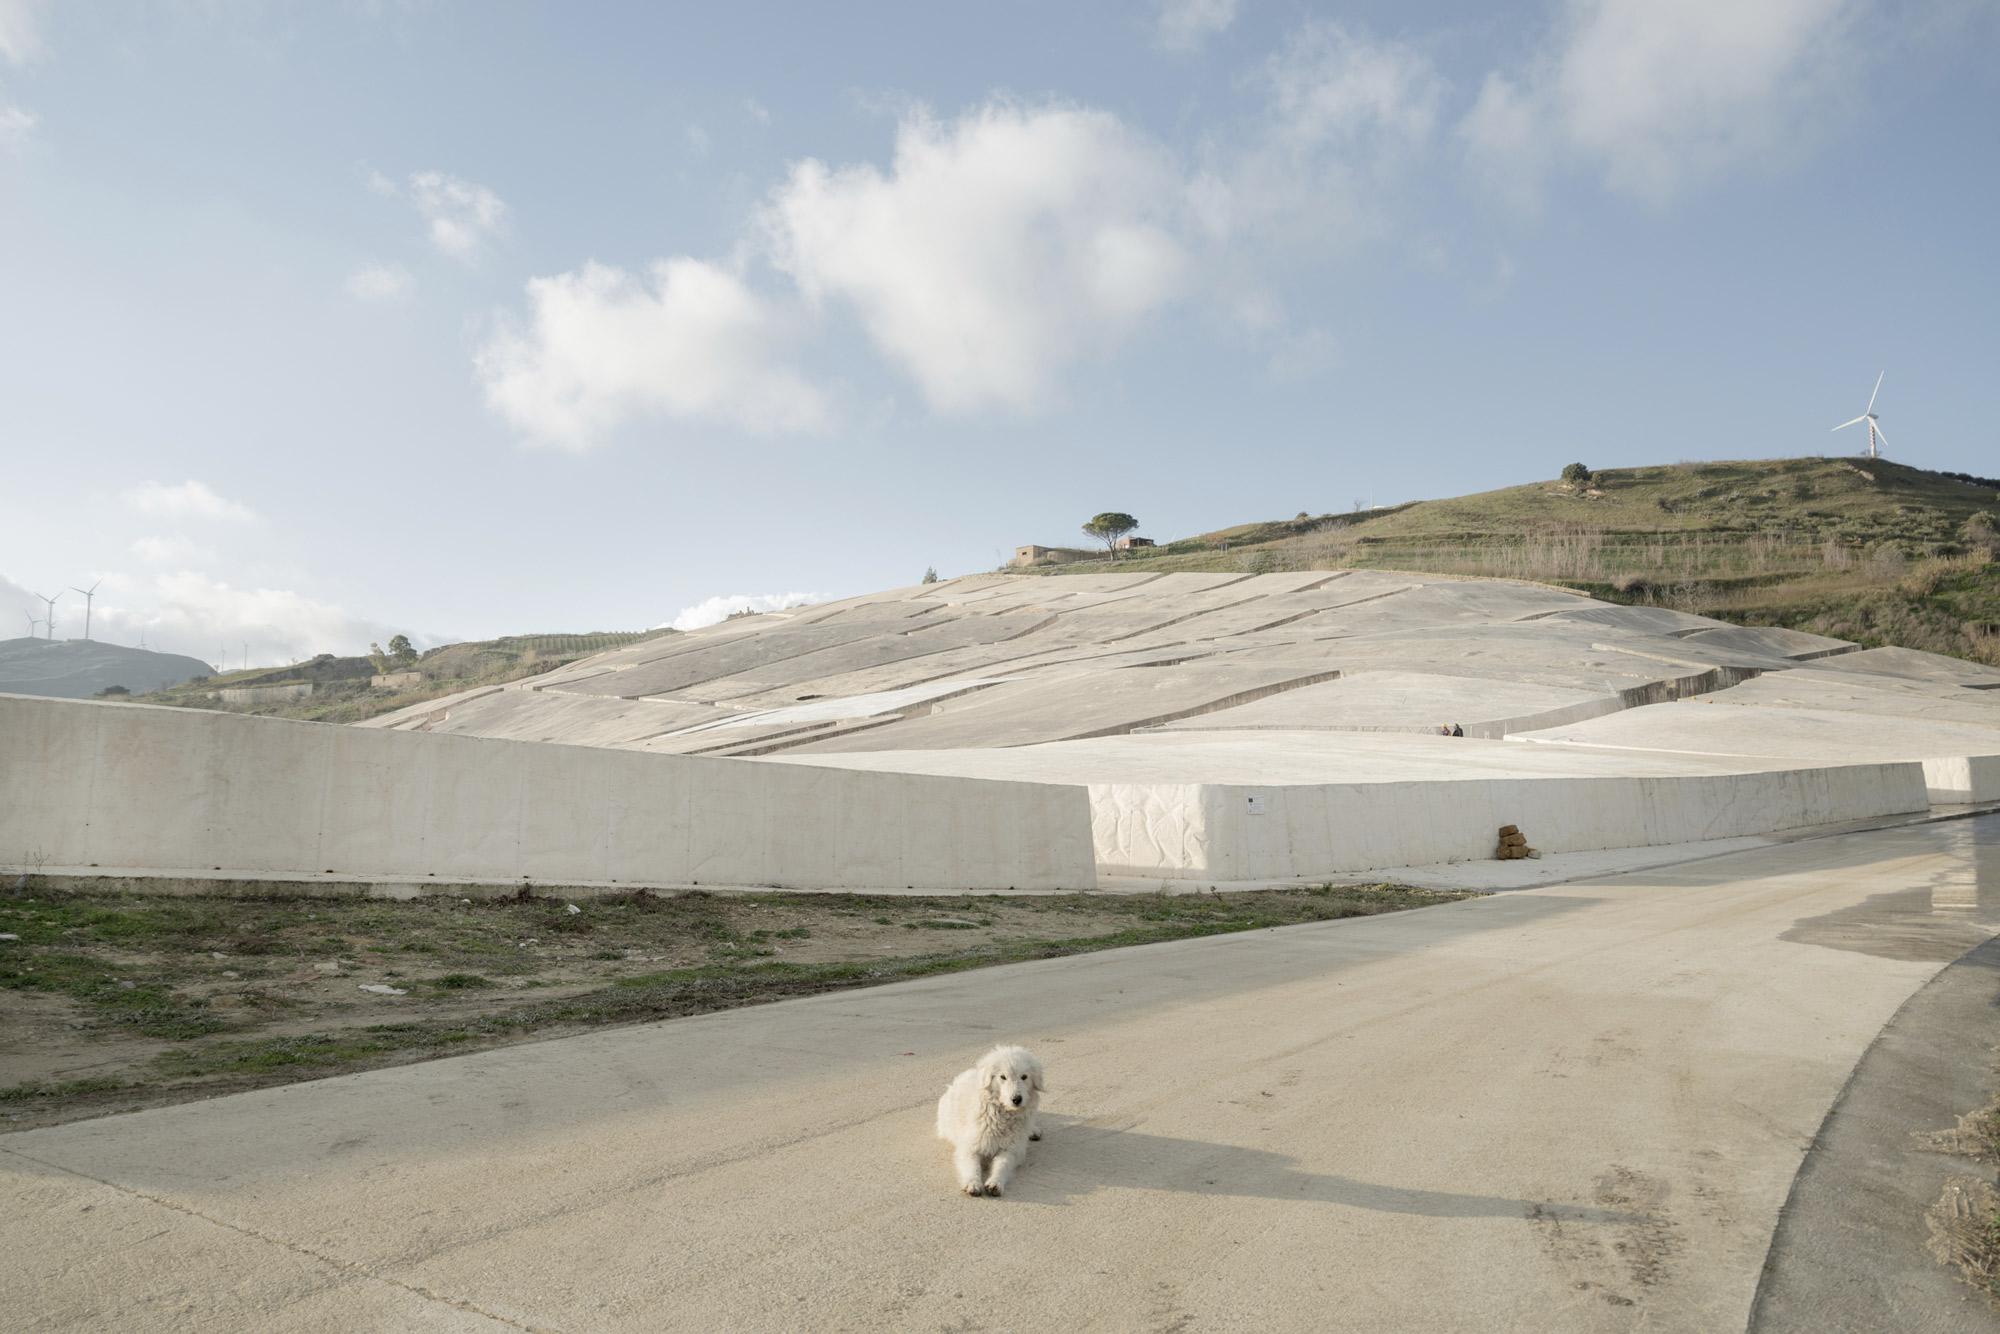 Belice: il cretto di Burri a Gibellina vecchia © Urban Reports